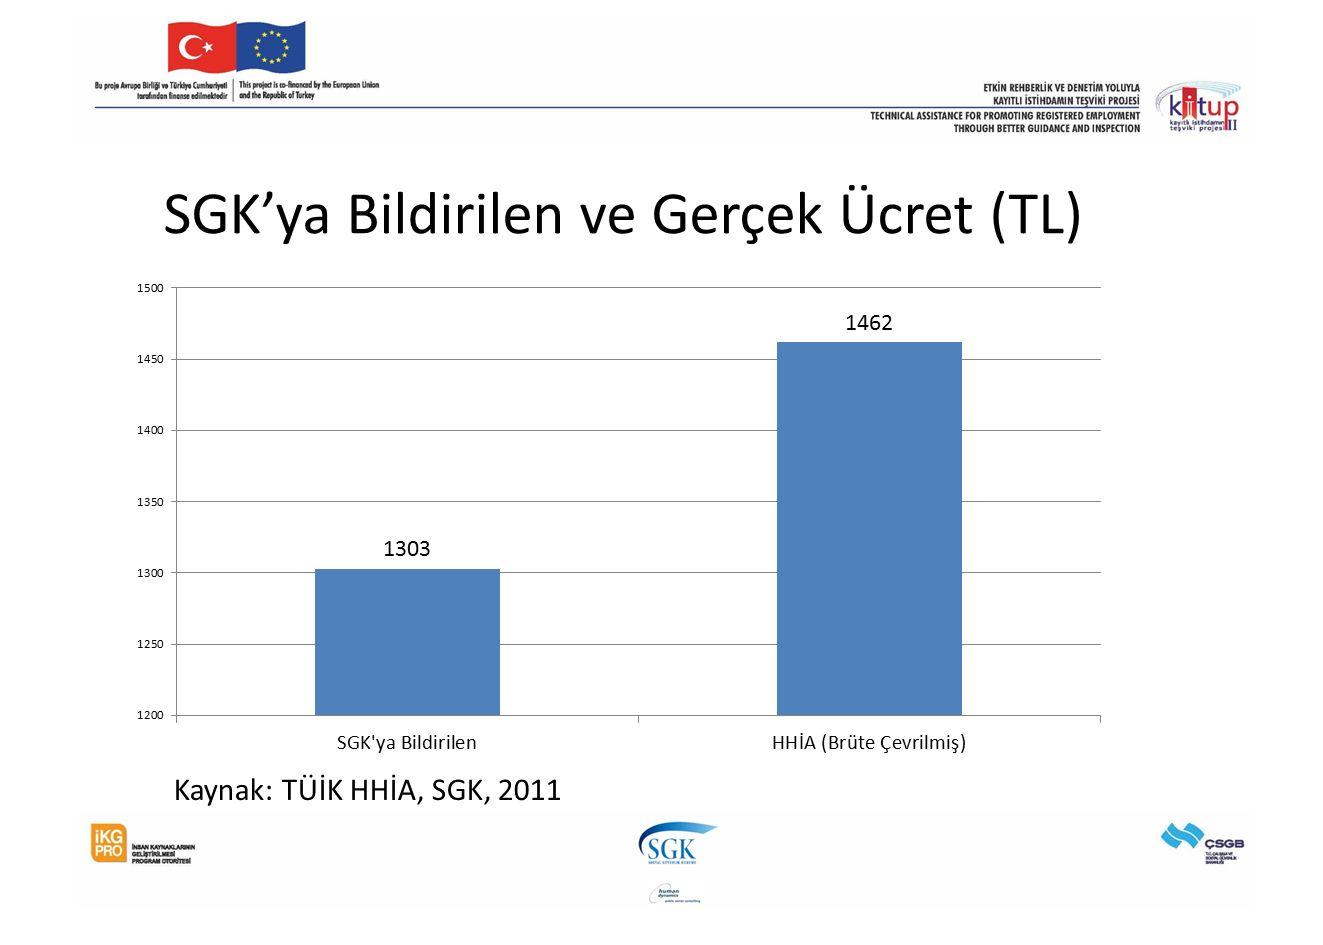 SGK'ya Bildirilen ve Gerçek Ücret (TL) Kaynak: TÜİK HHİA, SGK, 2011